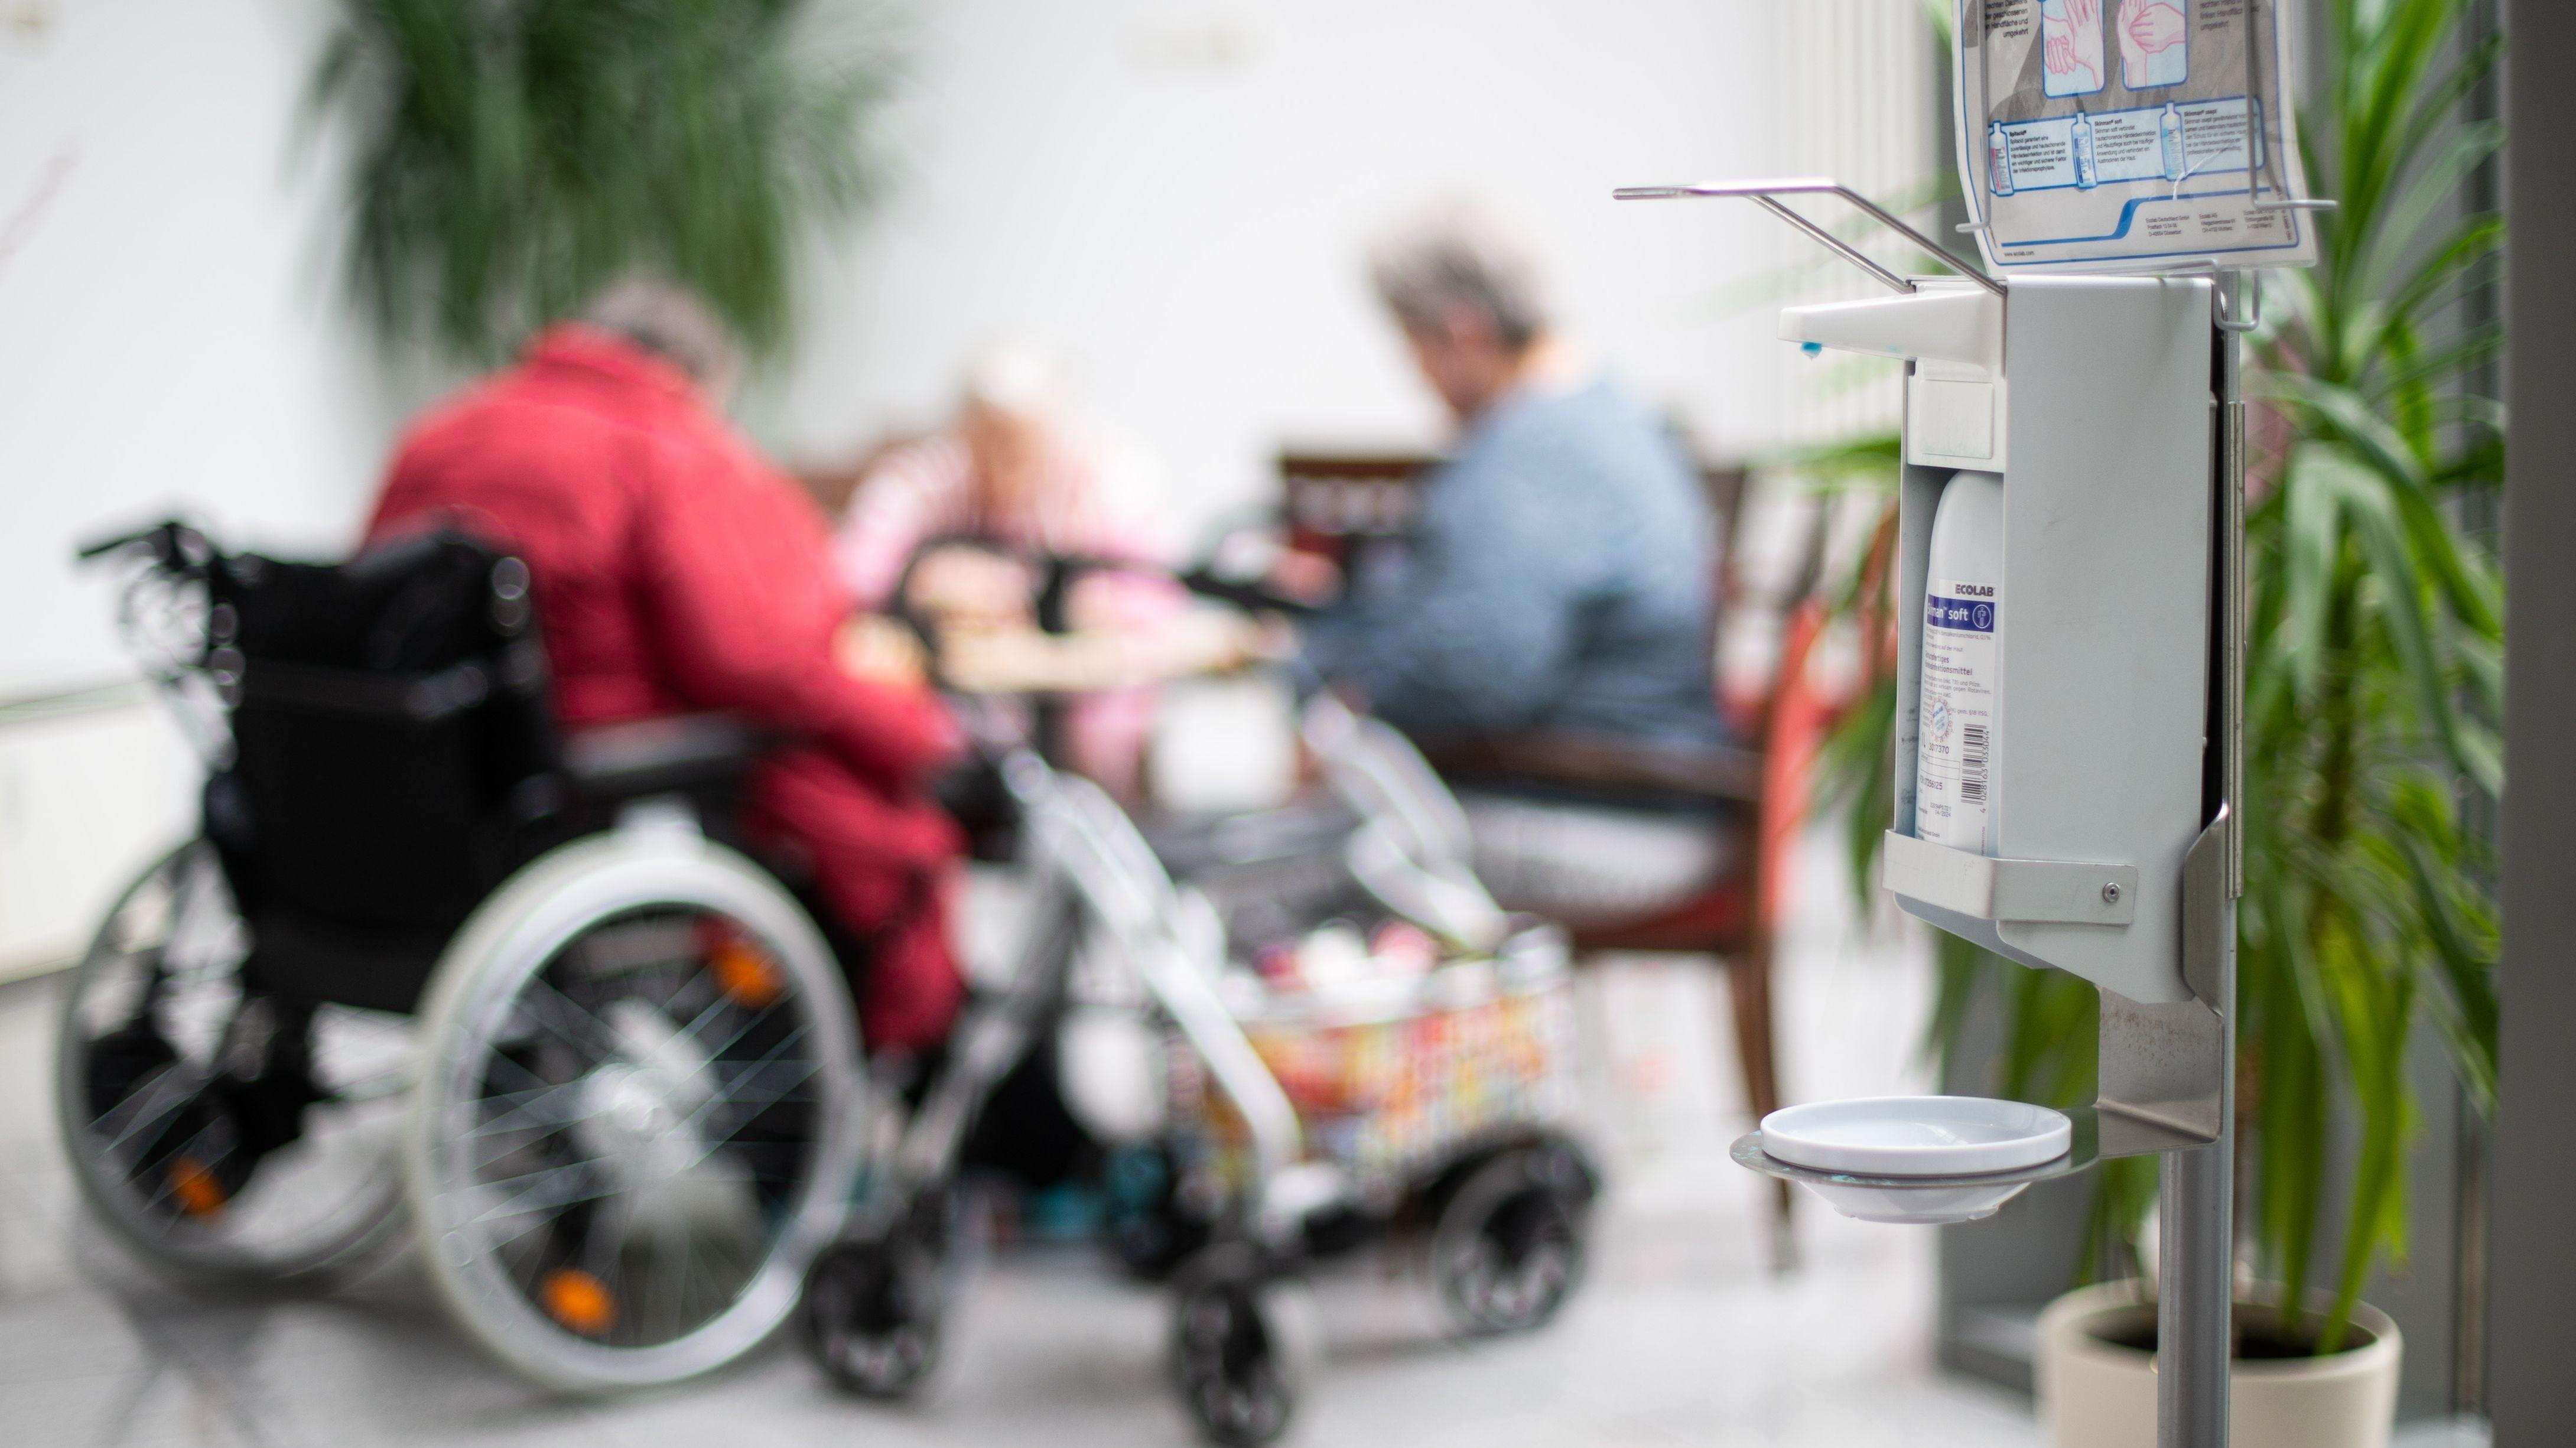 Desinfektionsmittelspender in einem Seniorenheim